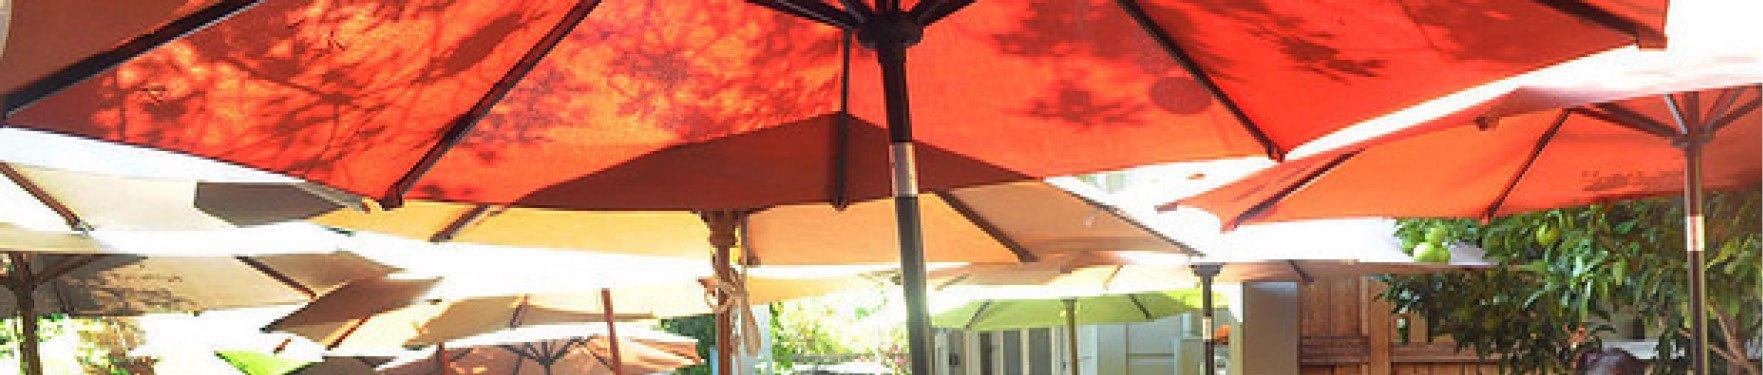 lunchmenu-umbrella.jpg